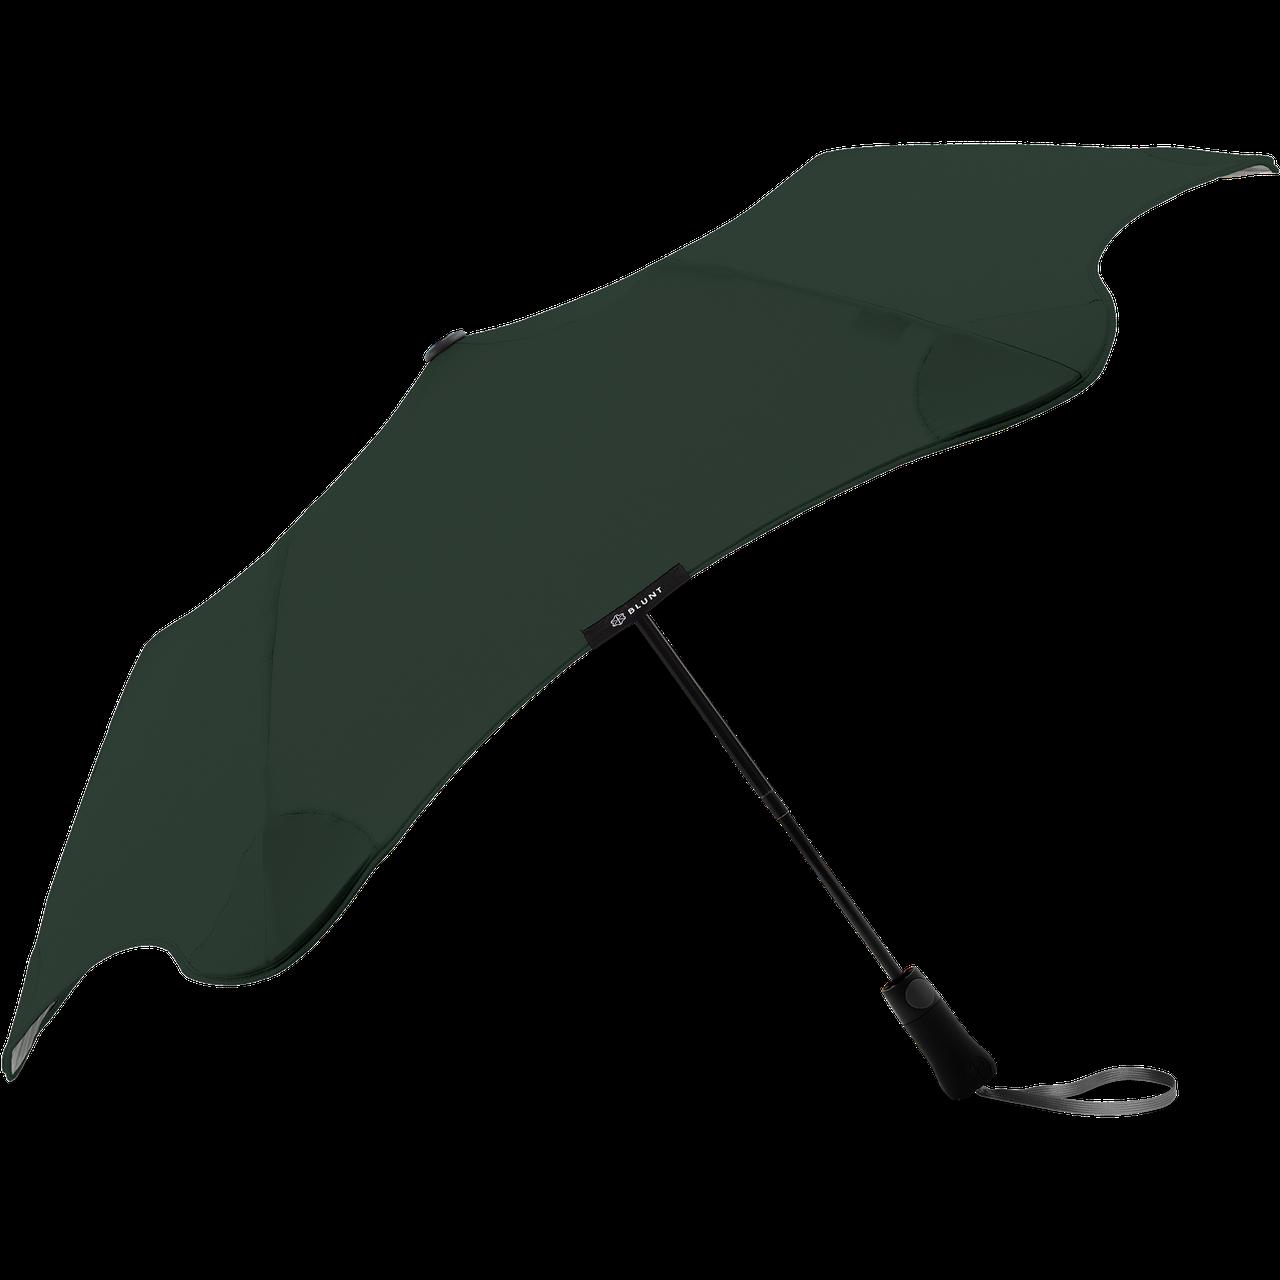 Зонт складной BLUNT Metro 2.0 зеленый